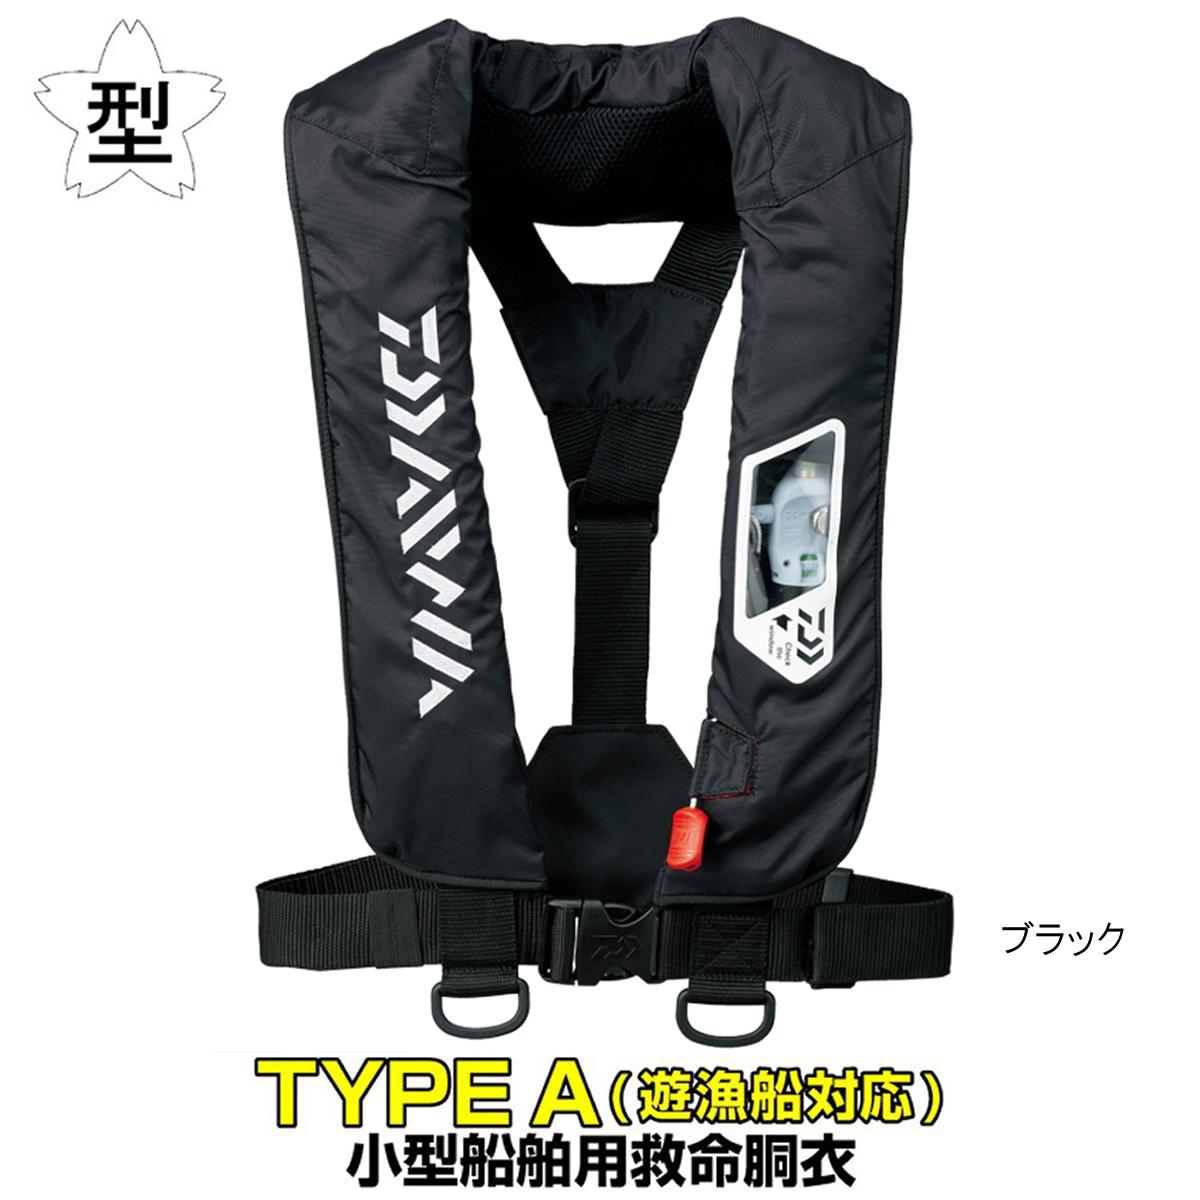 ダイワ ウォッシャブルライフジャケット(肩掛けタイプ手動・自動膨脹式) DF-2007 ブラック ※遊漁船対応